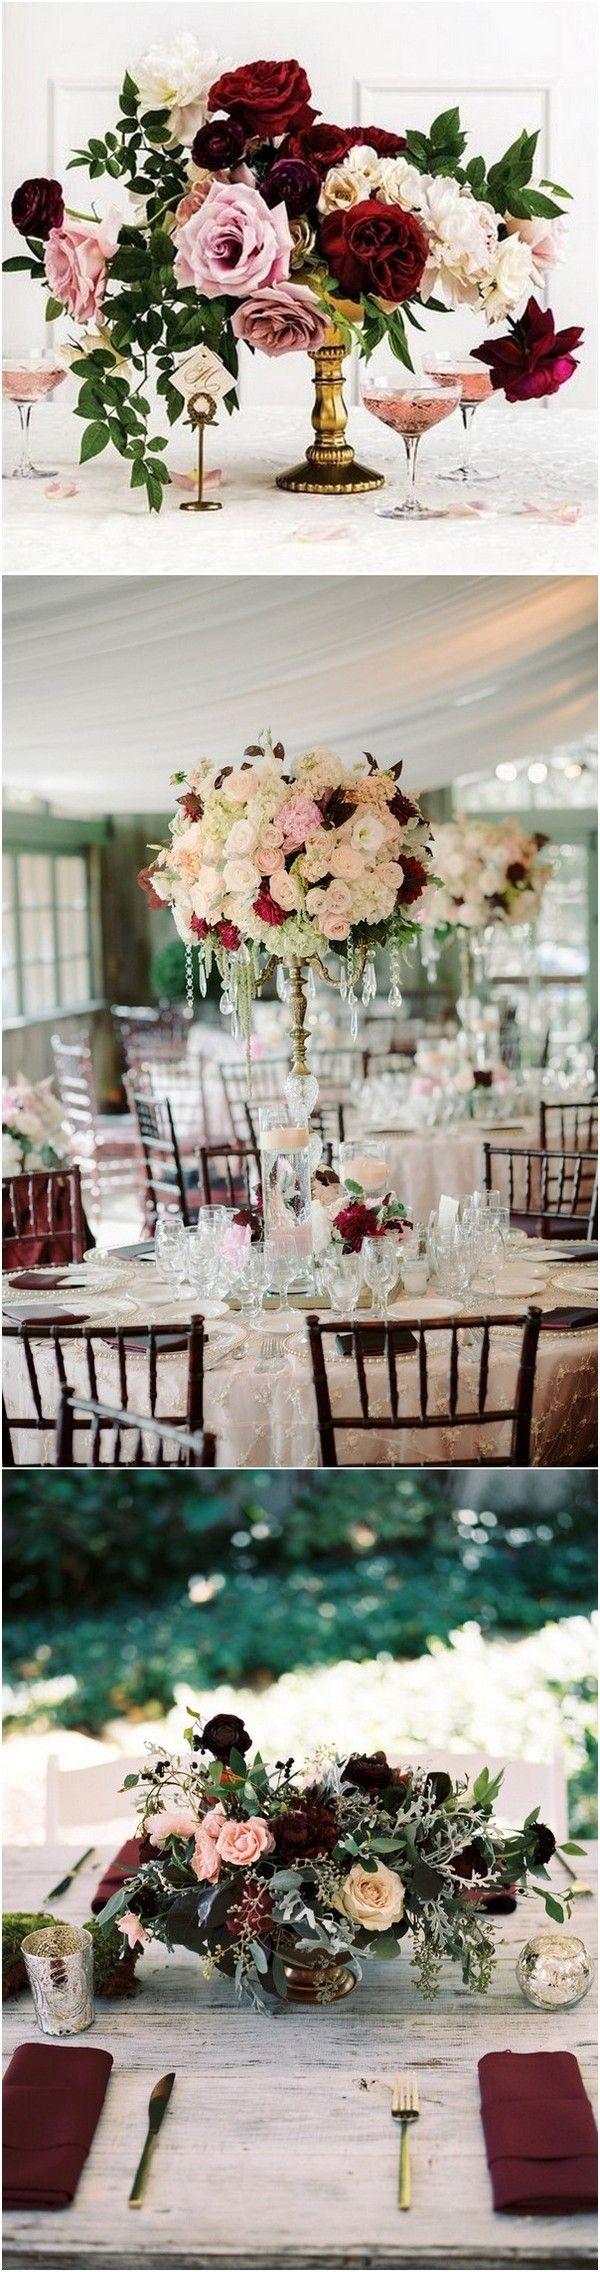 Burgundy and blush wedding centerpiece ideas